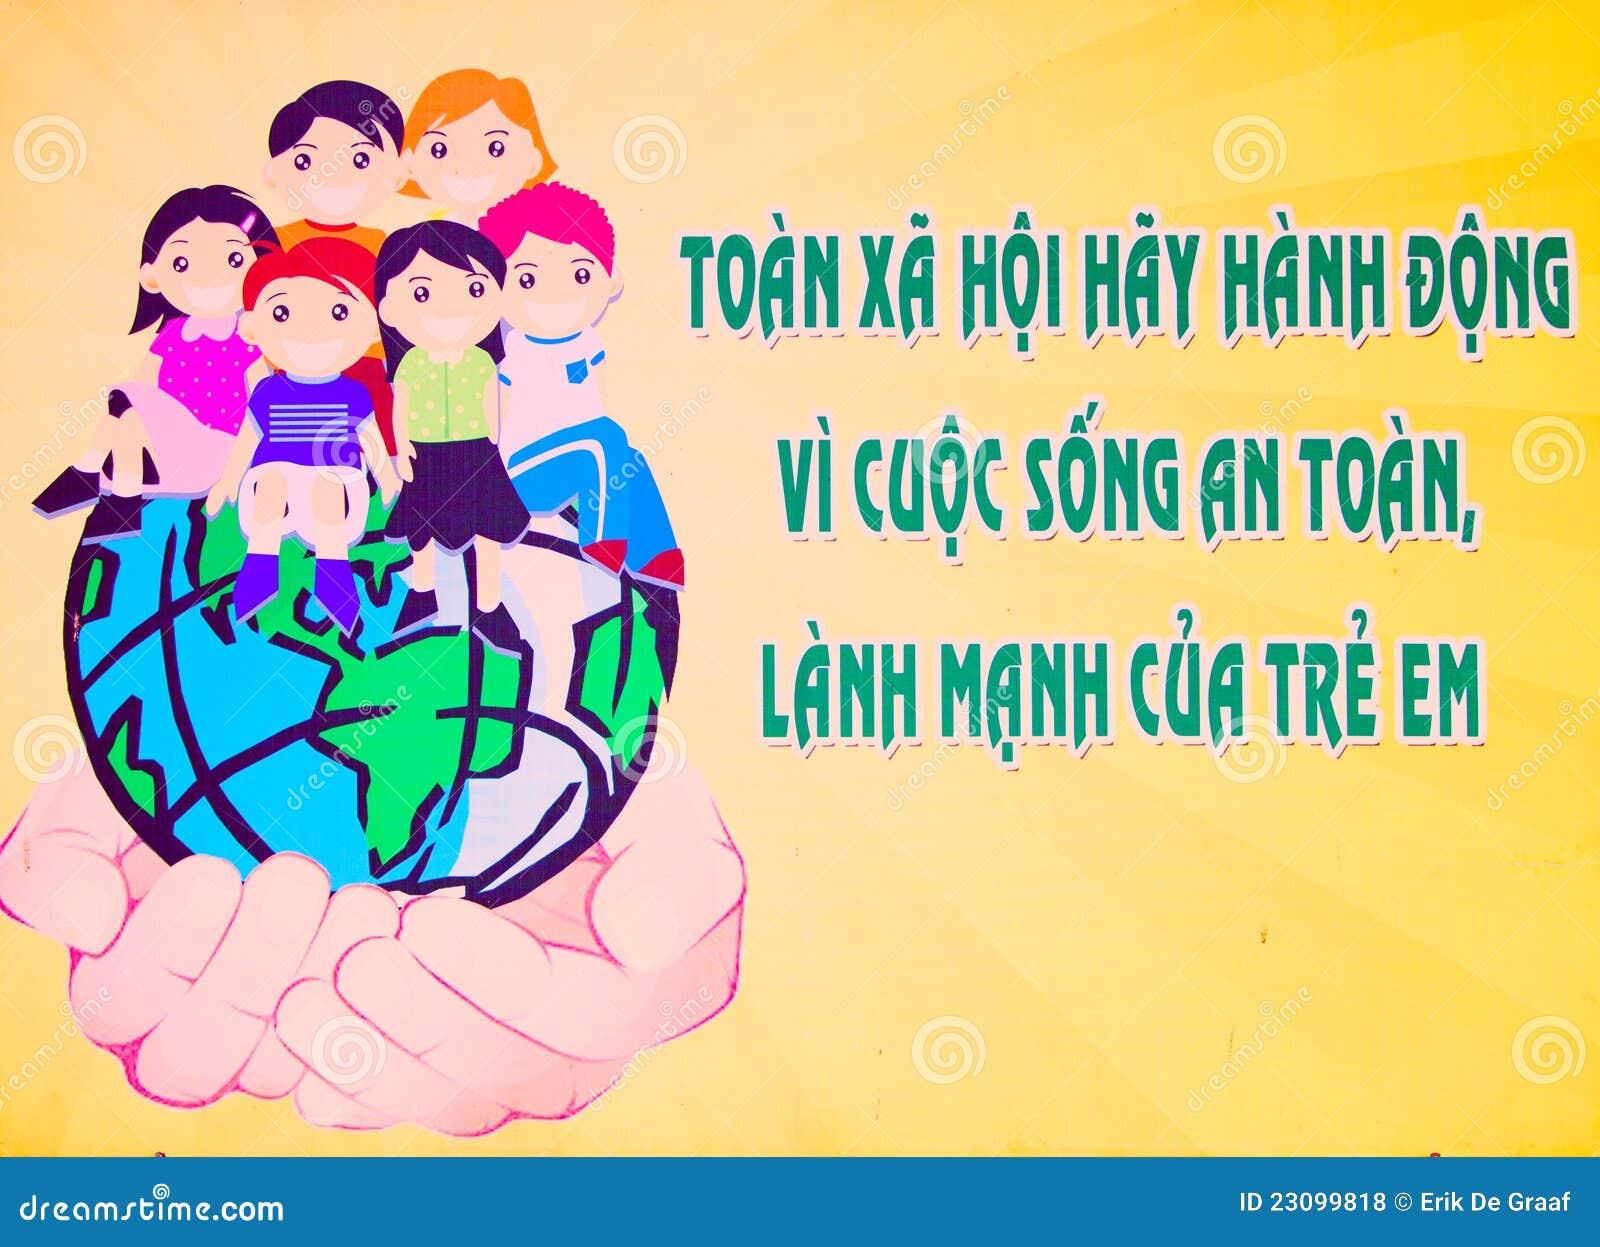 Poster de Vietnam